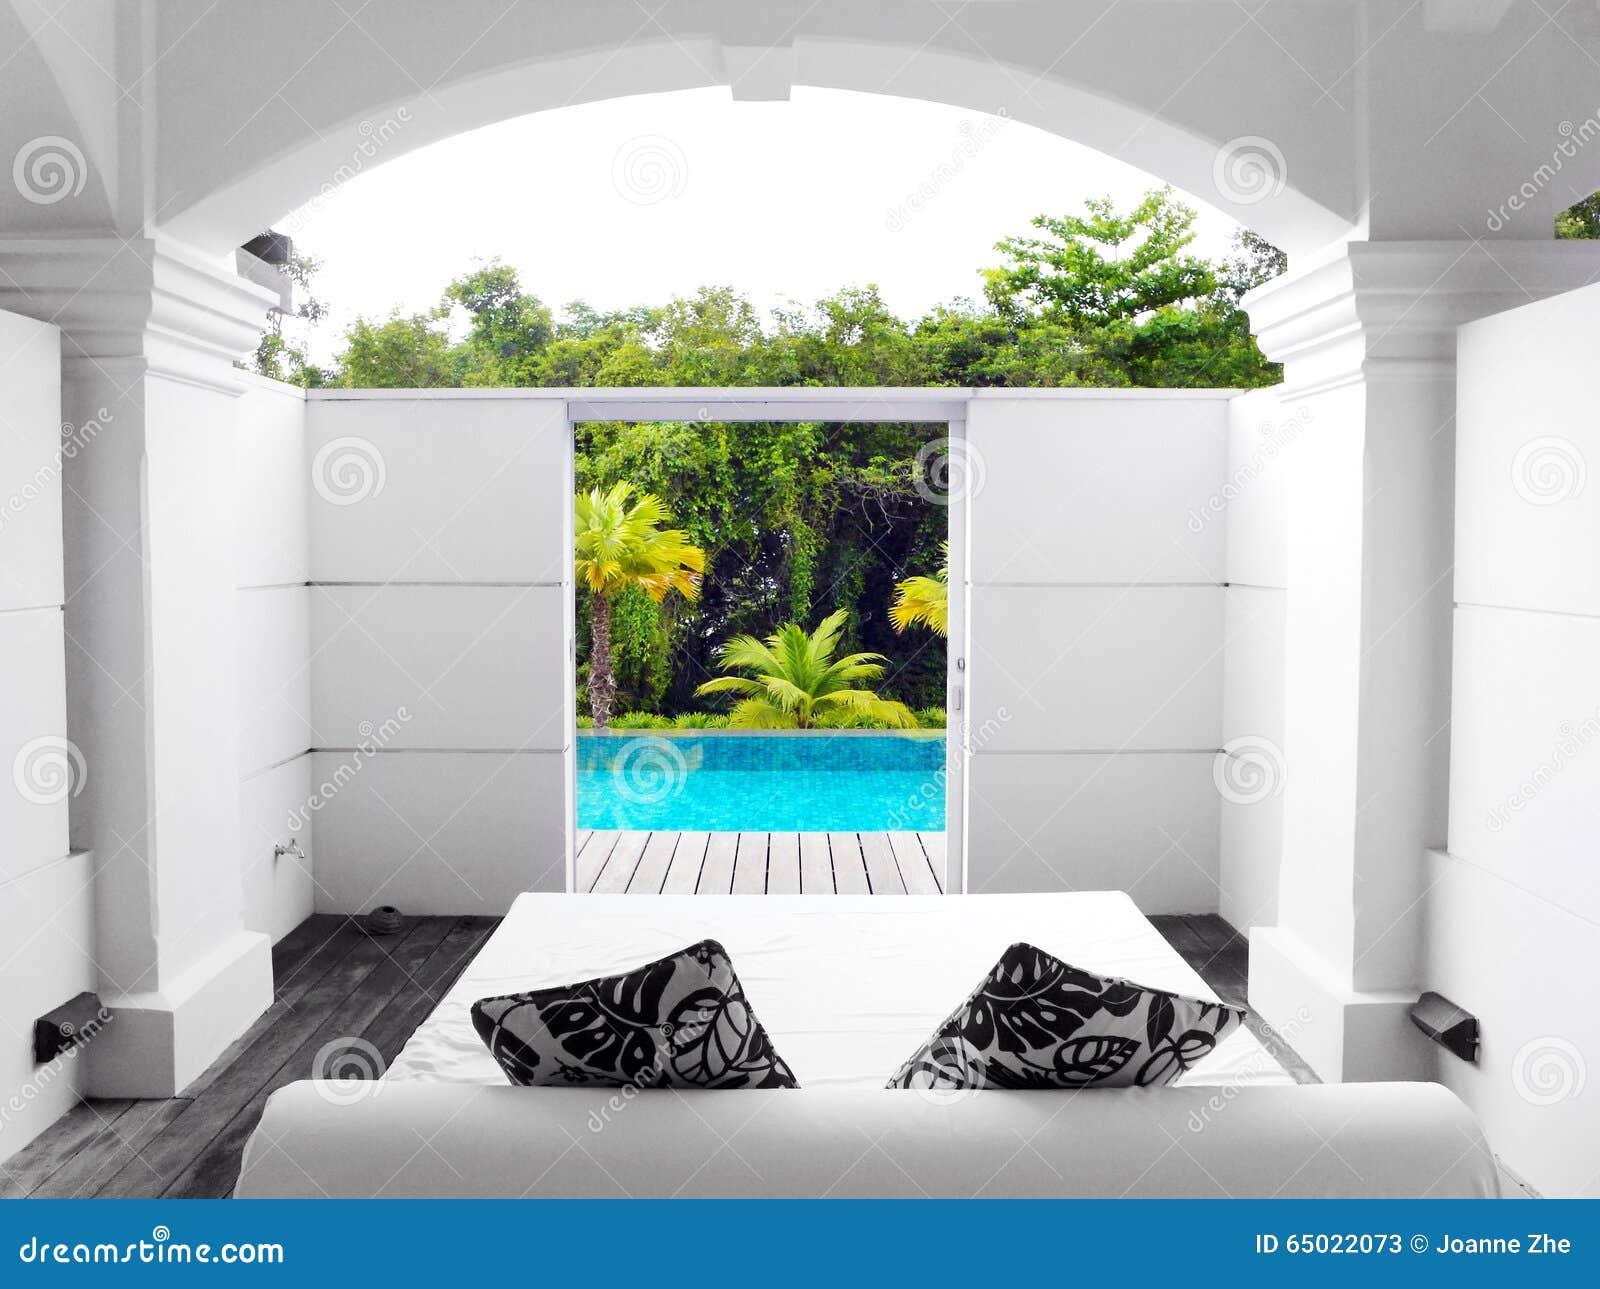 Вилла роскошная с бассейном и видом на сад